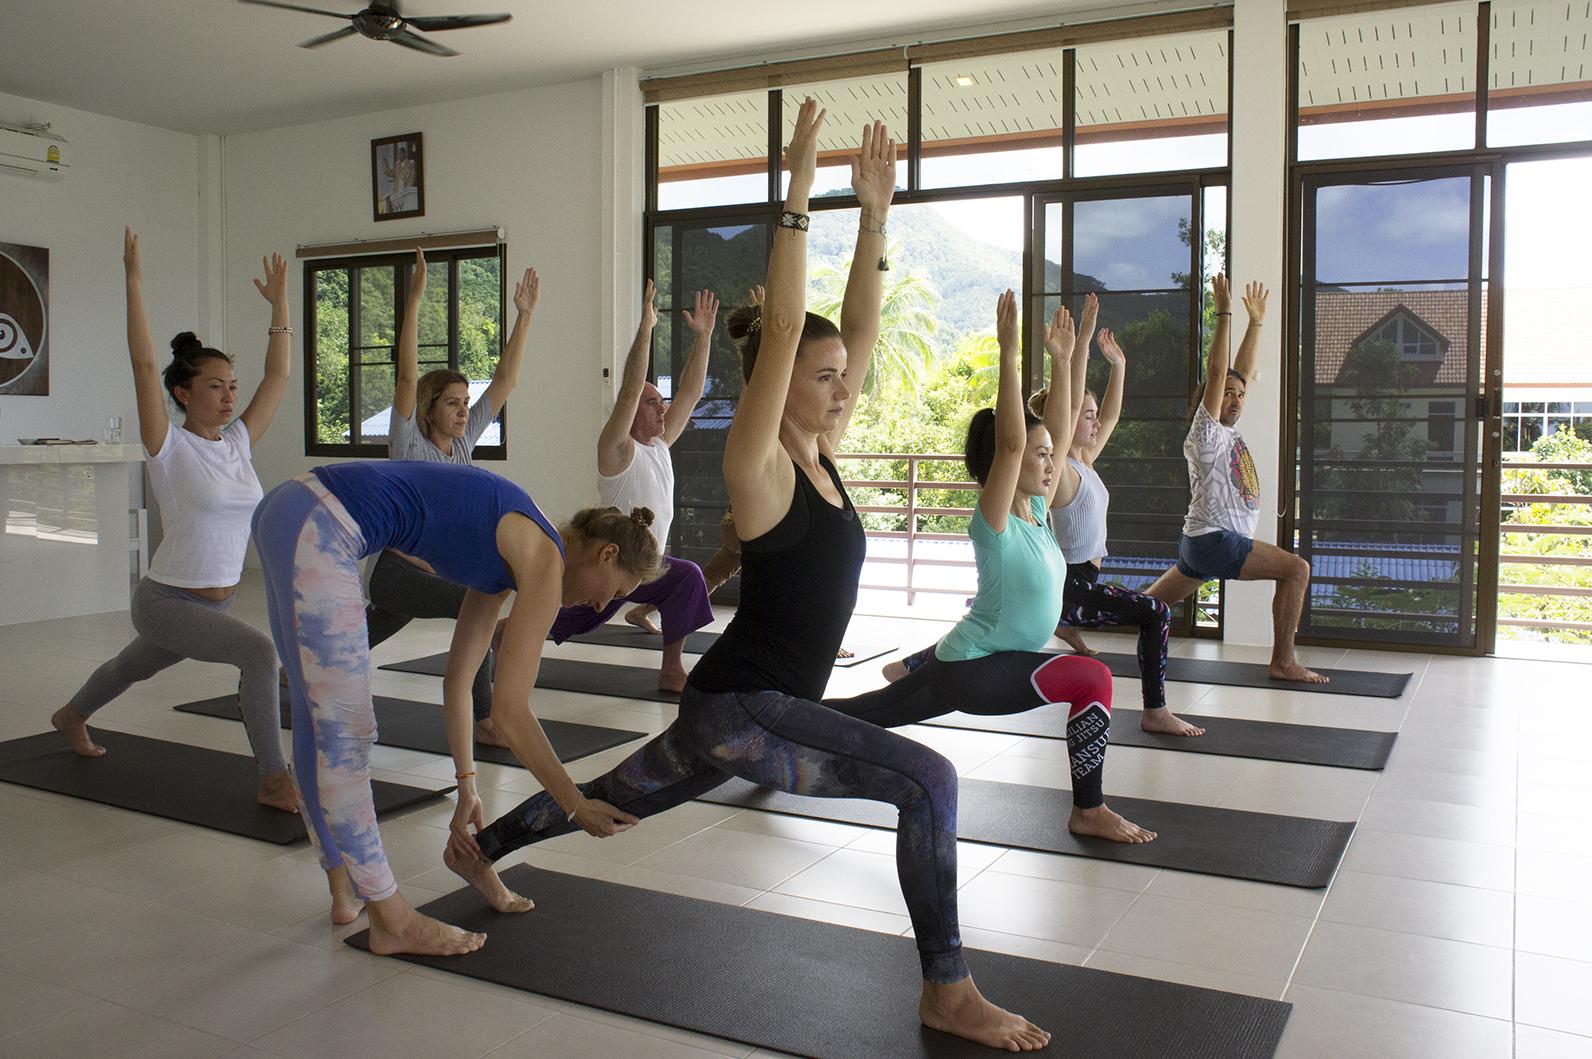 одна версия, первое занятие по йоге тренер я картинки предупредить